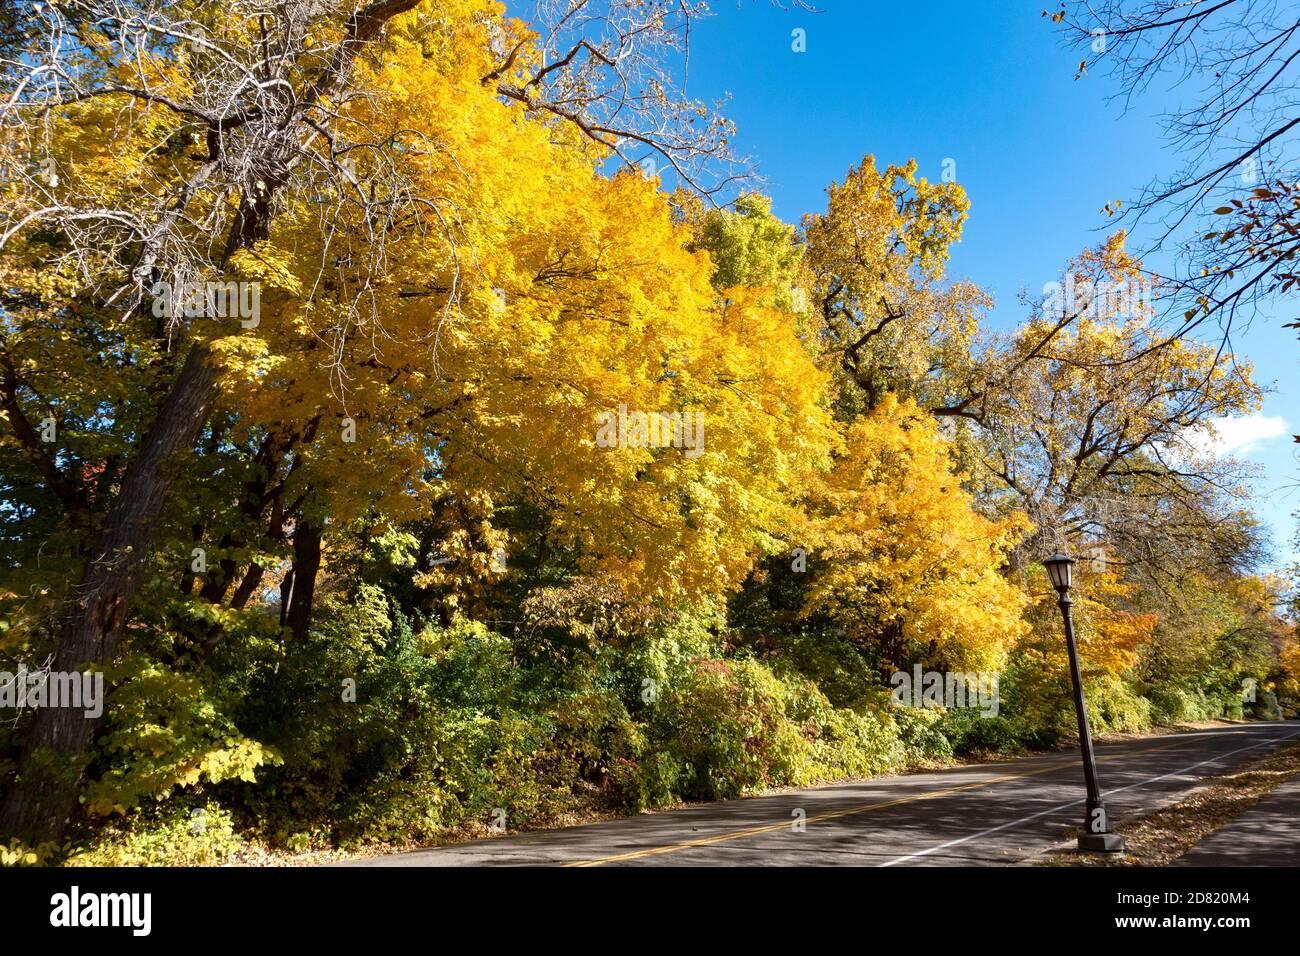 Changement de couleur des arbres d'automne le long du sentier du boulevard du fleuve Mississippi Nord. St Paul Minnesota MN États-Unis Banque D'Images